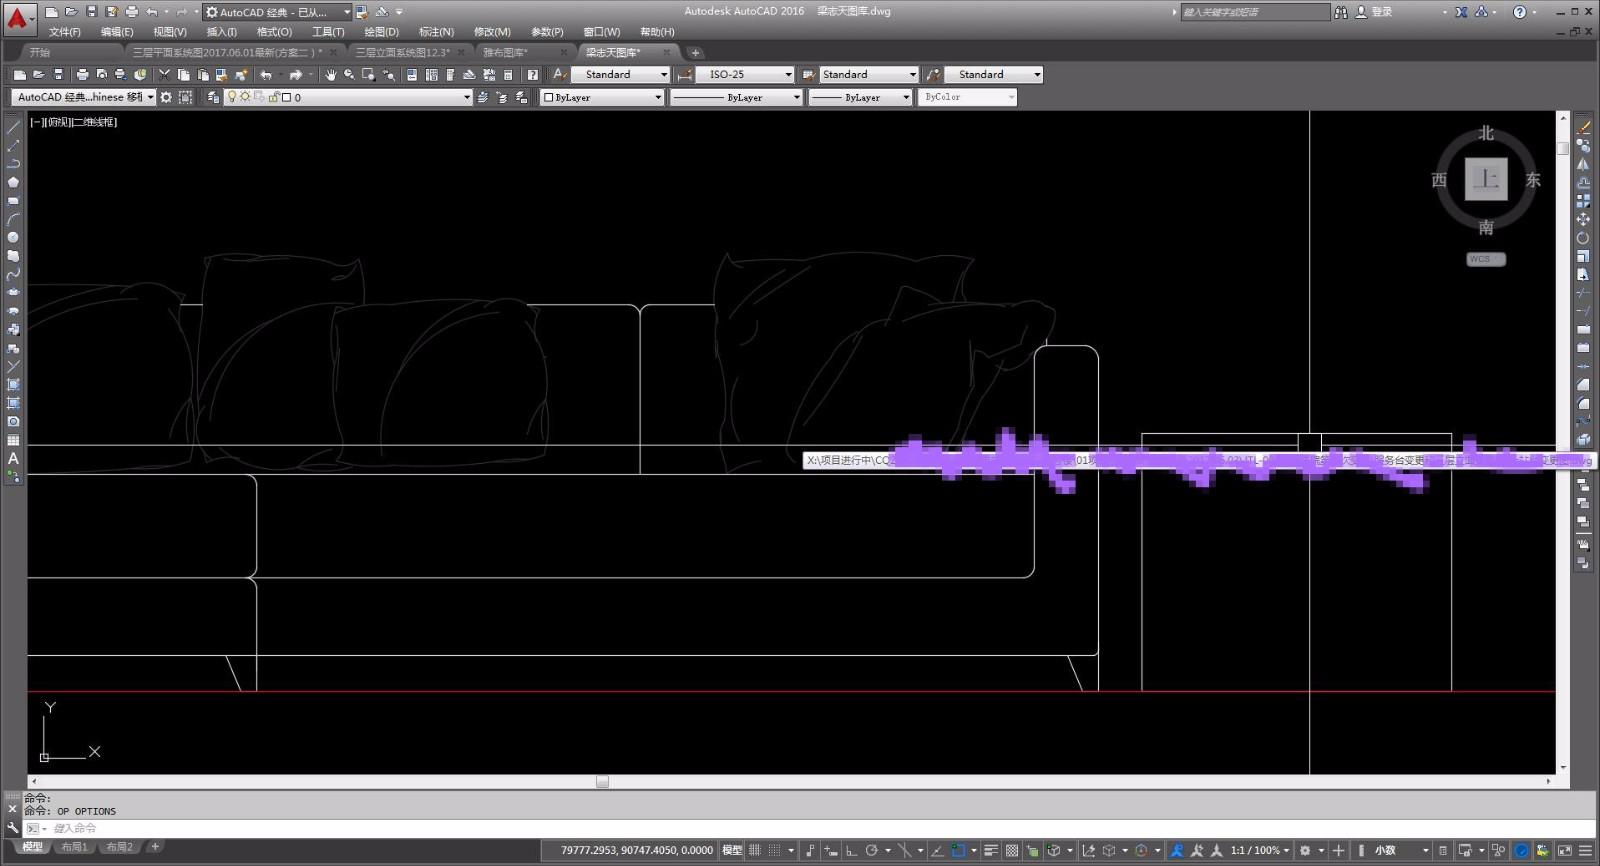 CAD屏幕储存后图纸上安装该图纸的打开图纸出现3飓风魂战位置图片